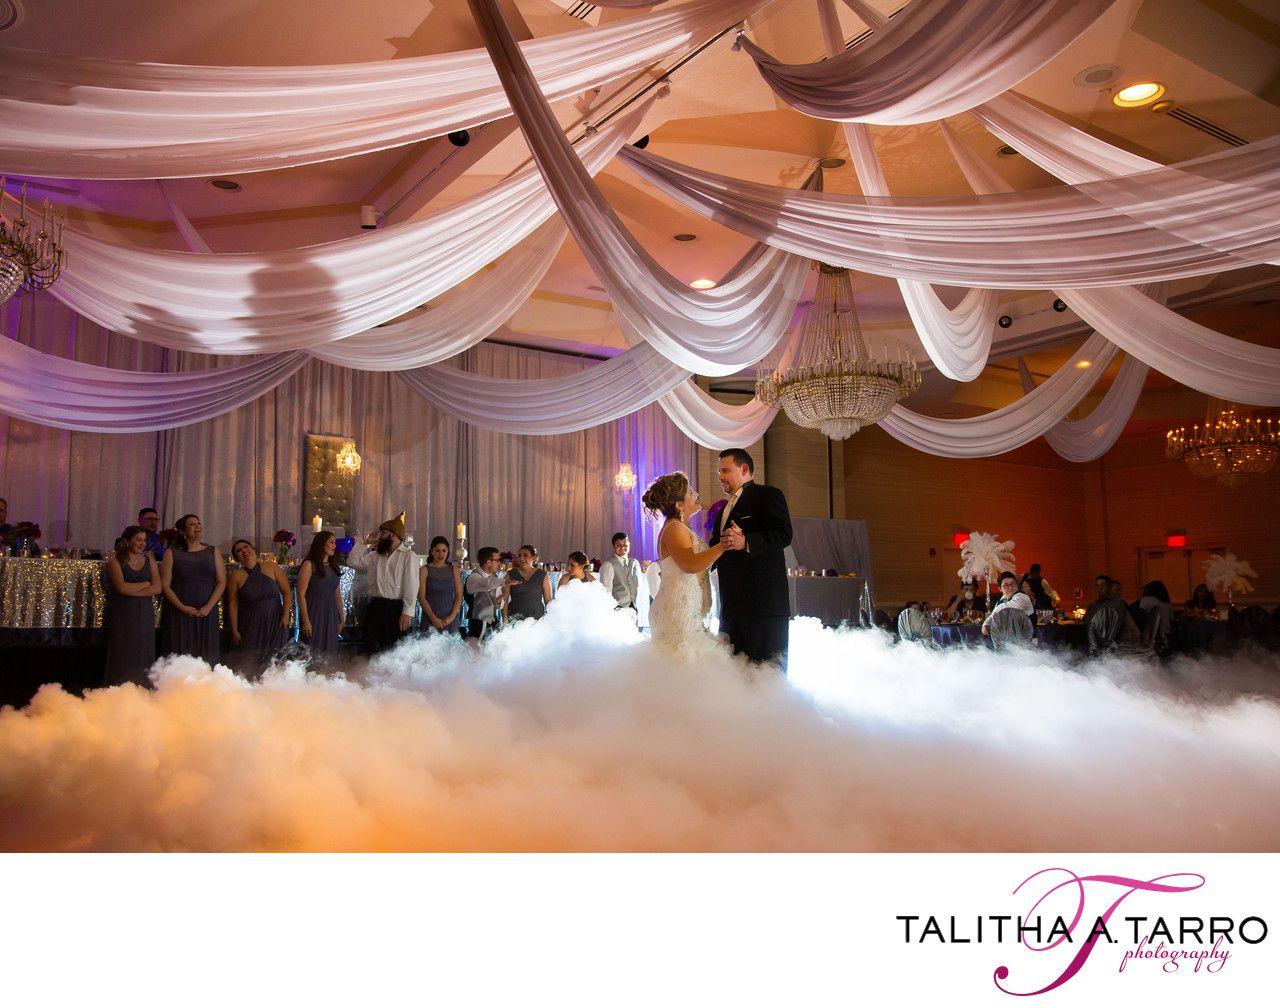 Fog Machine At Wedding Reception On Dance Floor First